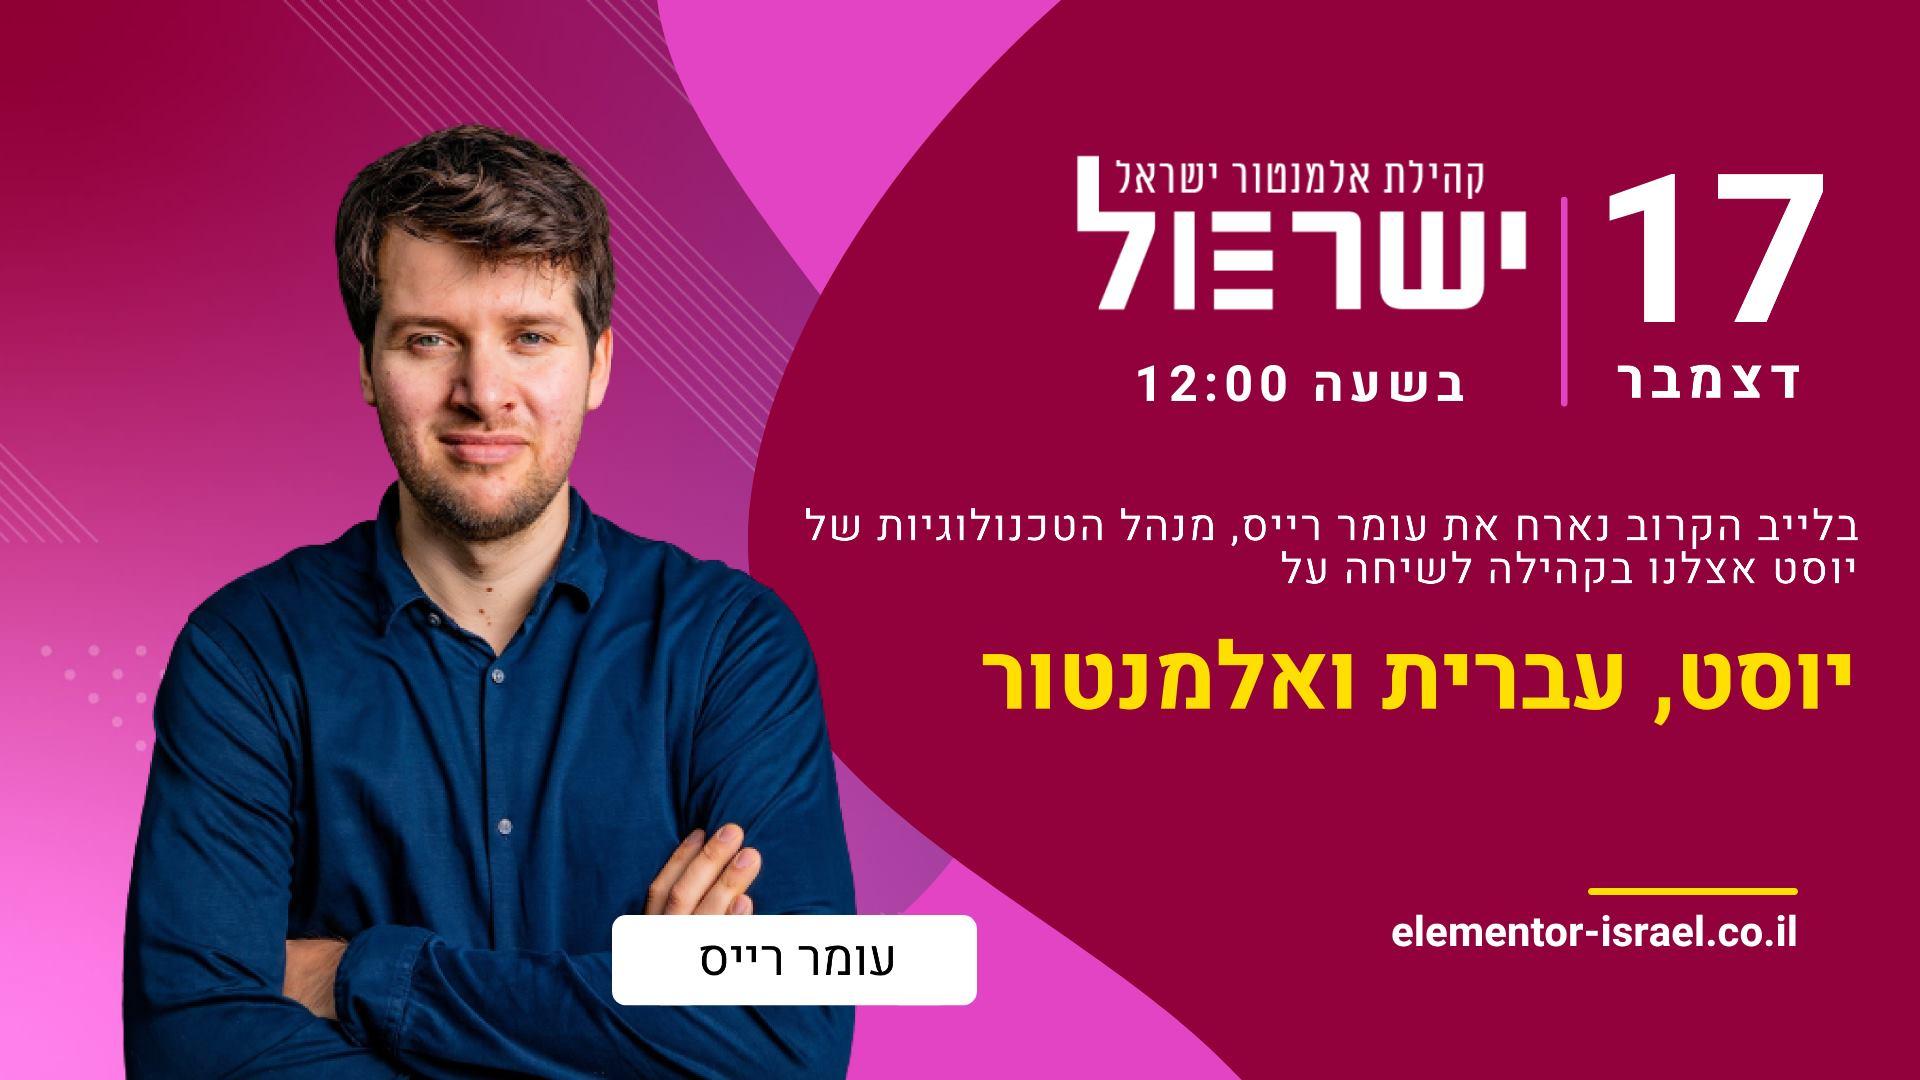 שיחה עם עומר רייס ה CTO של YOAST על יוסט, עברית ואלמנטור